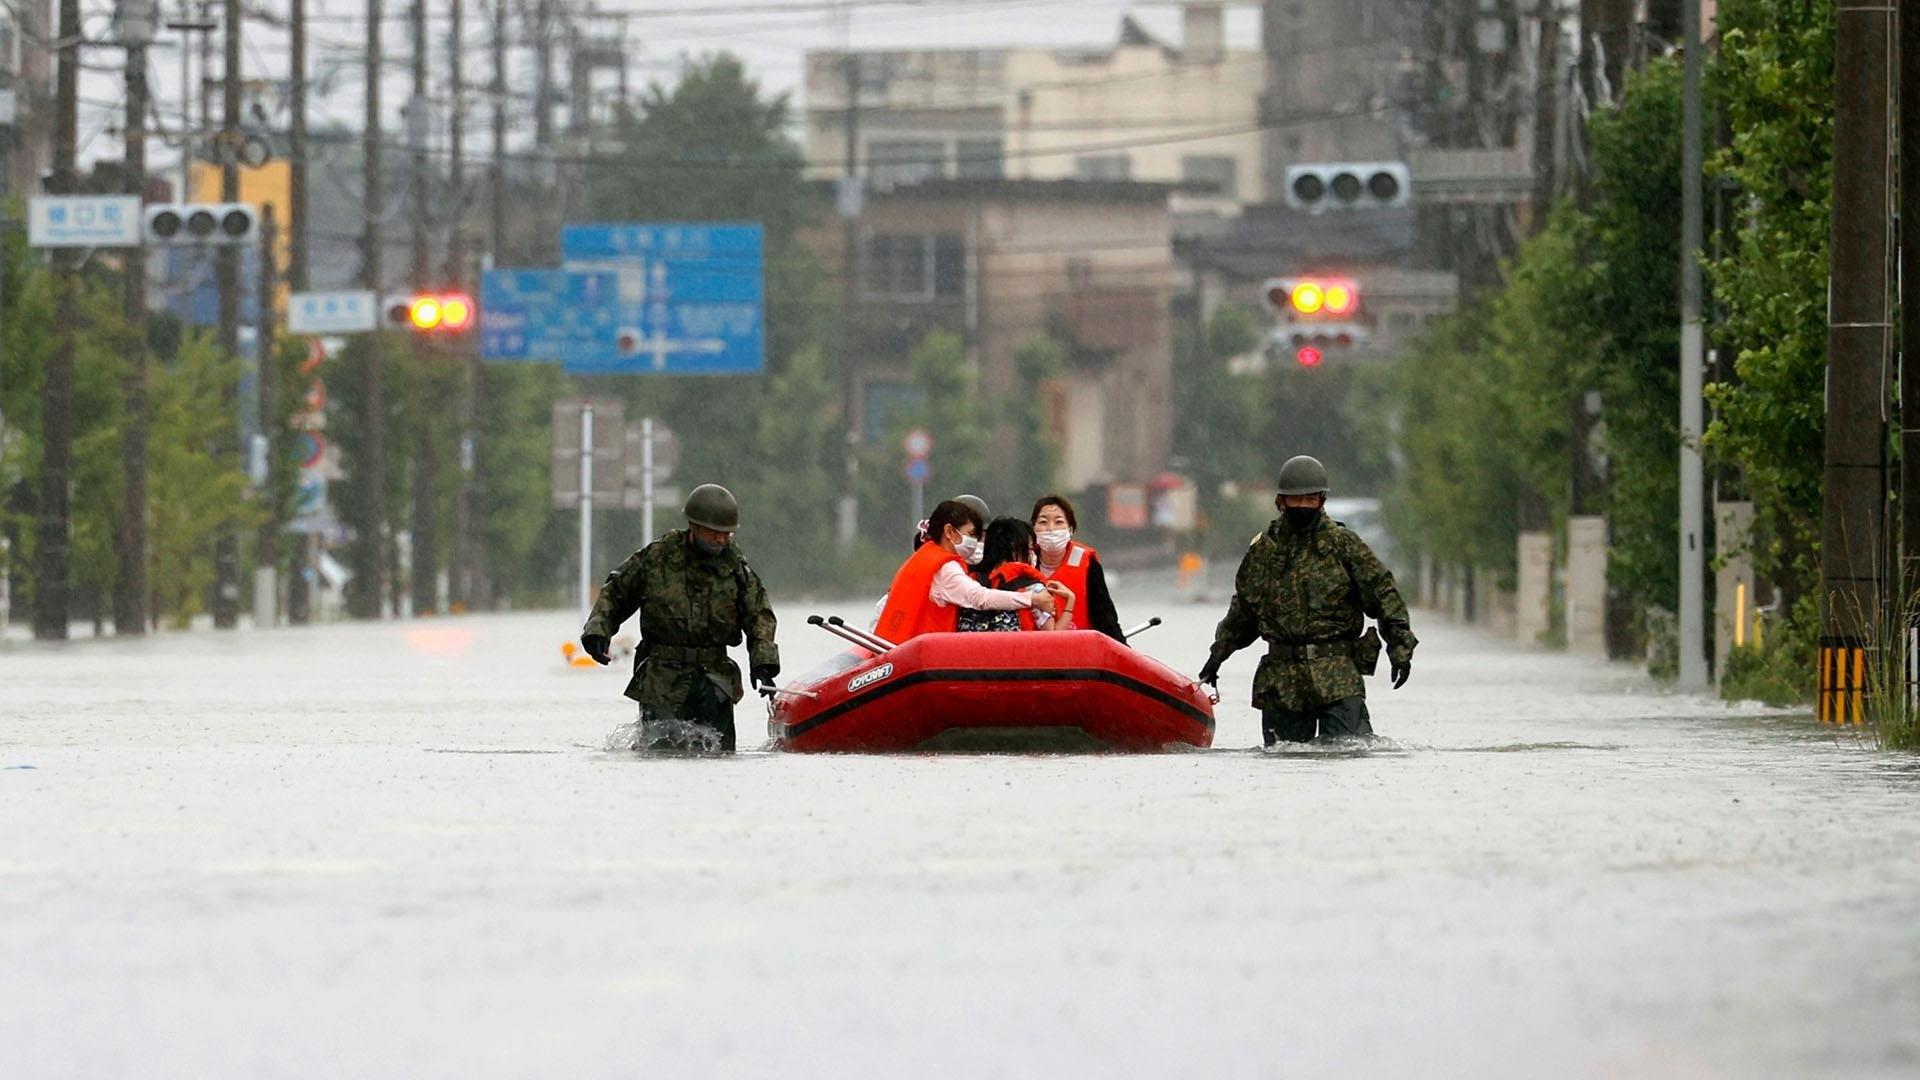 فيضانات في اليابان.. أكثر من 3 آلاف بيت معزول و60 ضحية